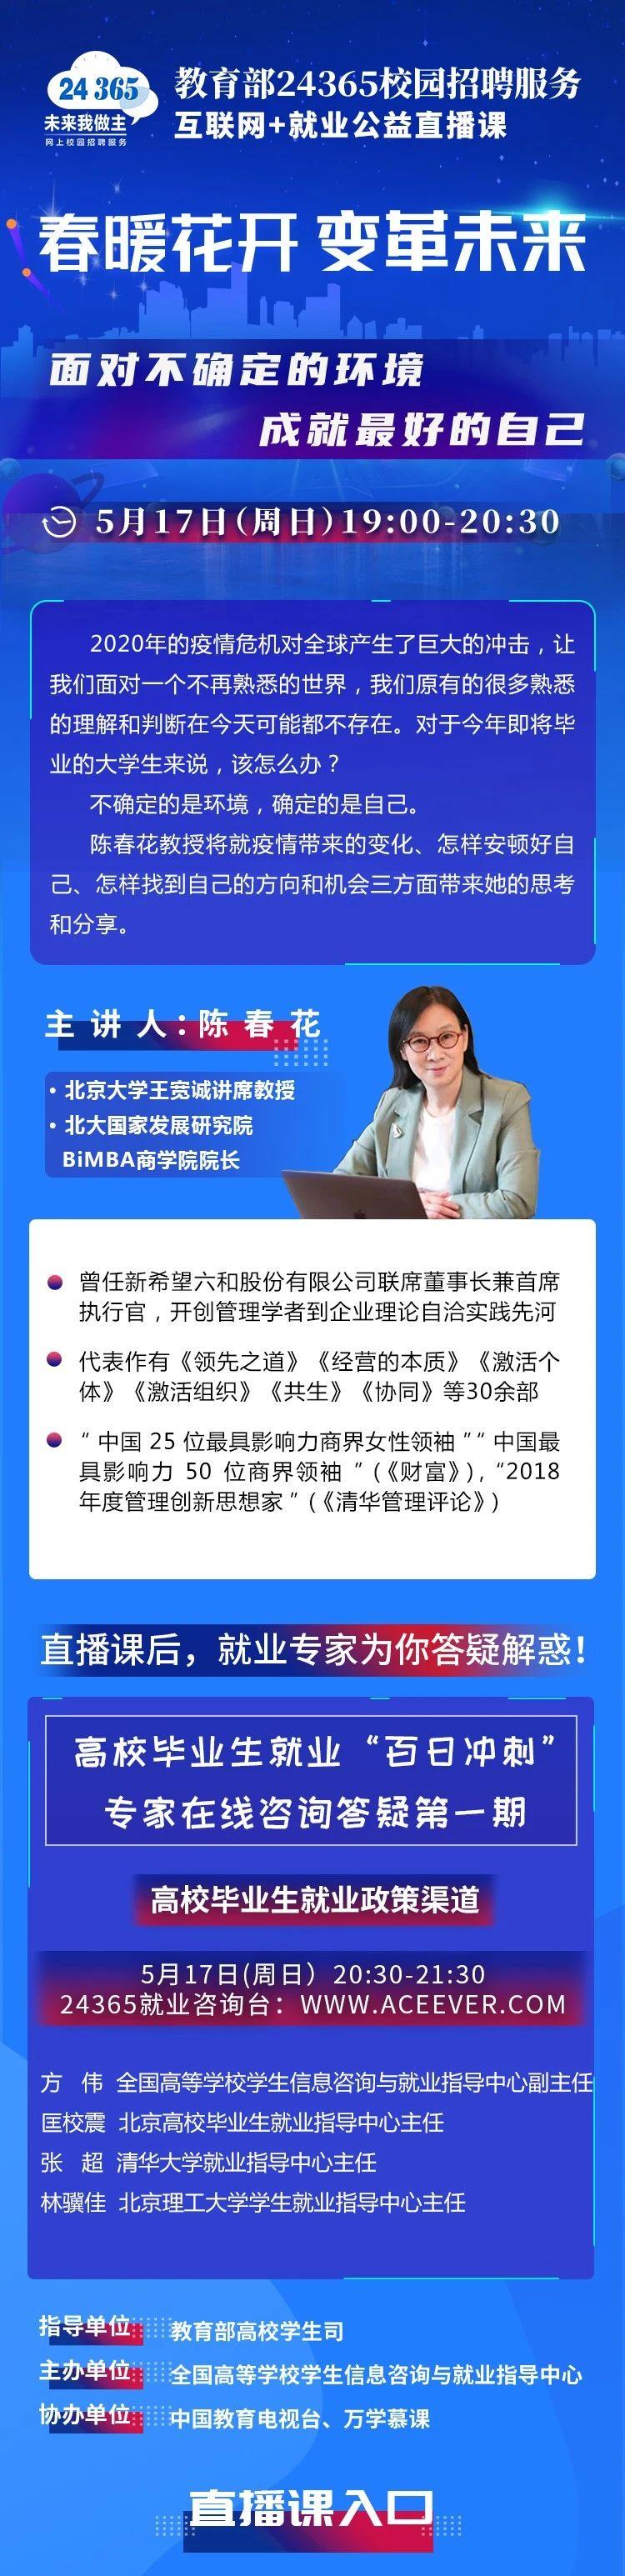 教育部24365就业公益课程:春暖花开 变革未来.jpg